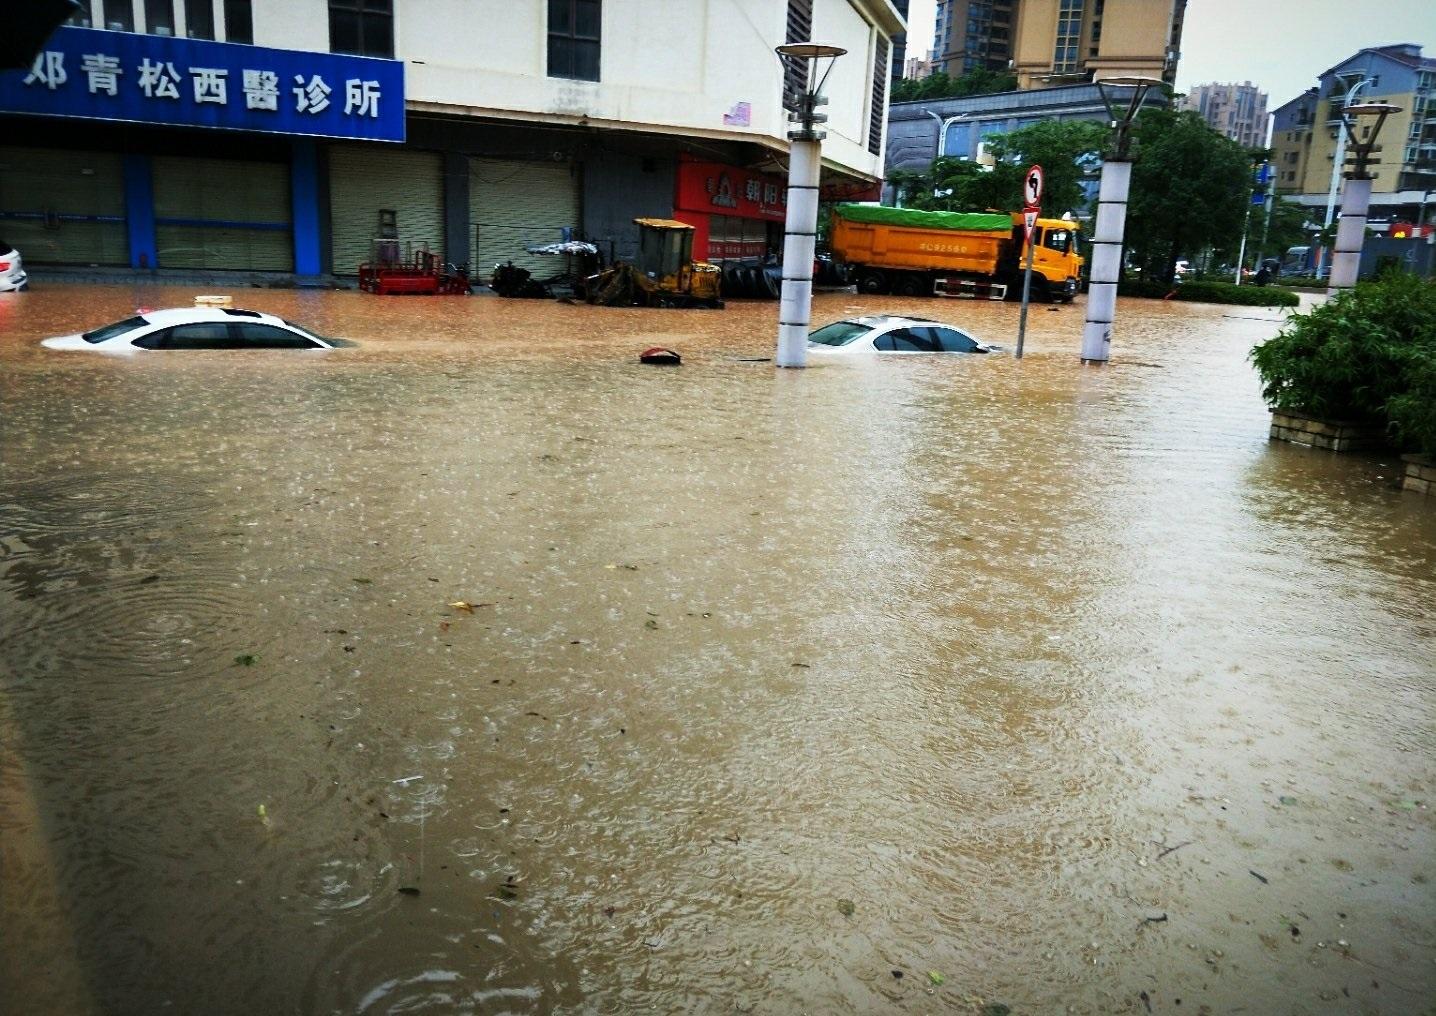 珠海市内嚴重水浸。網上圖片